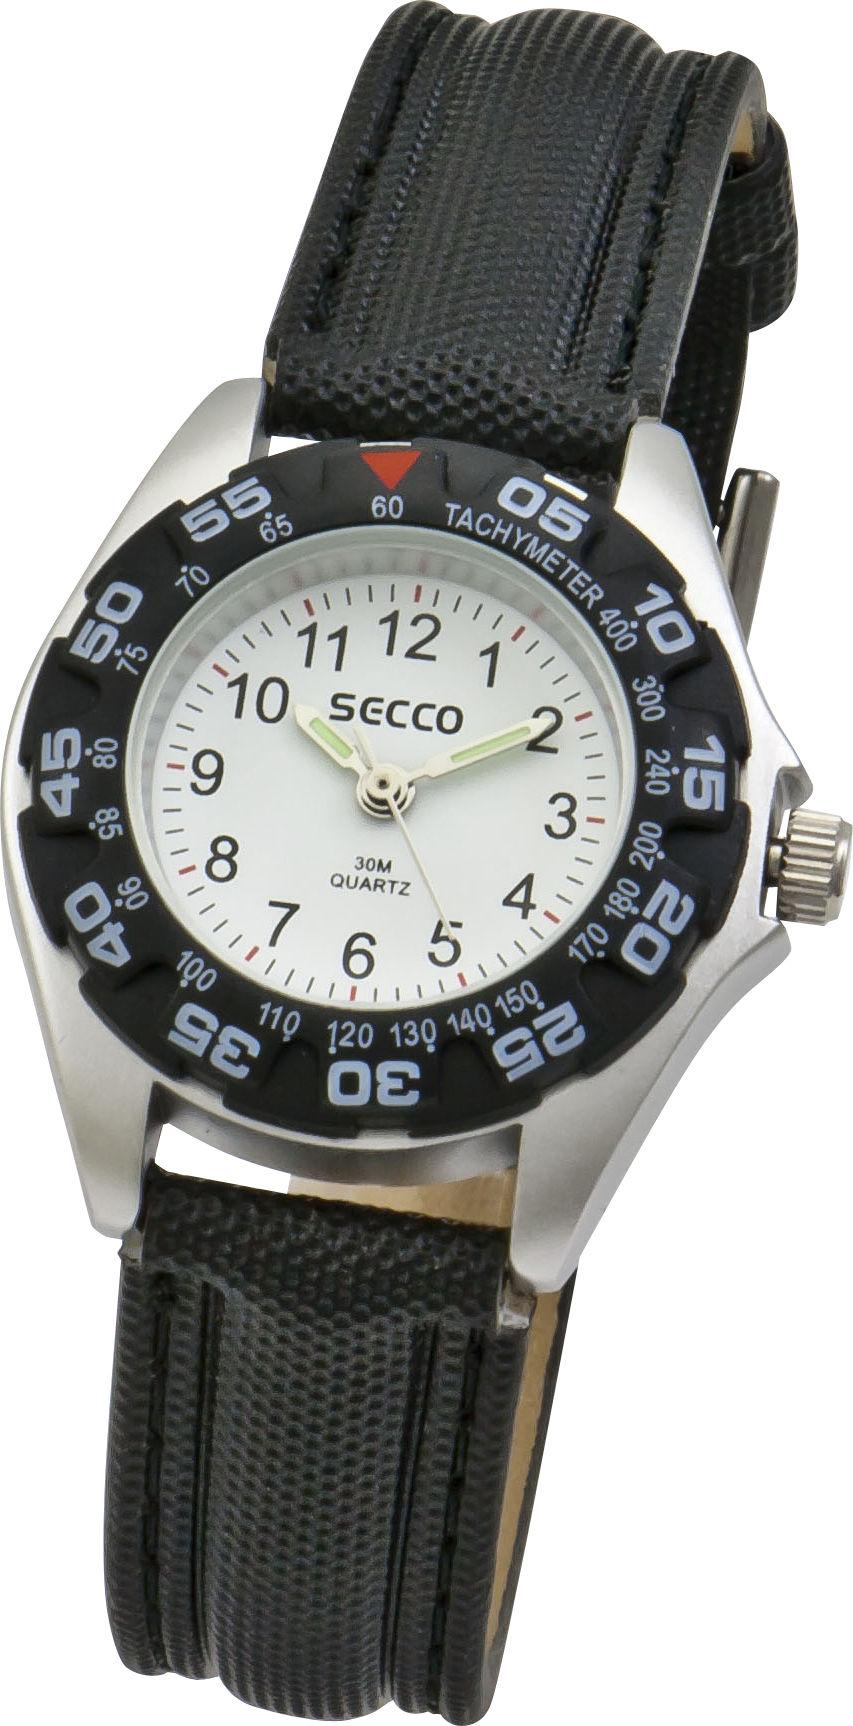 Secco S K131-3 - Glami.sk 4348a9948d0